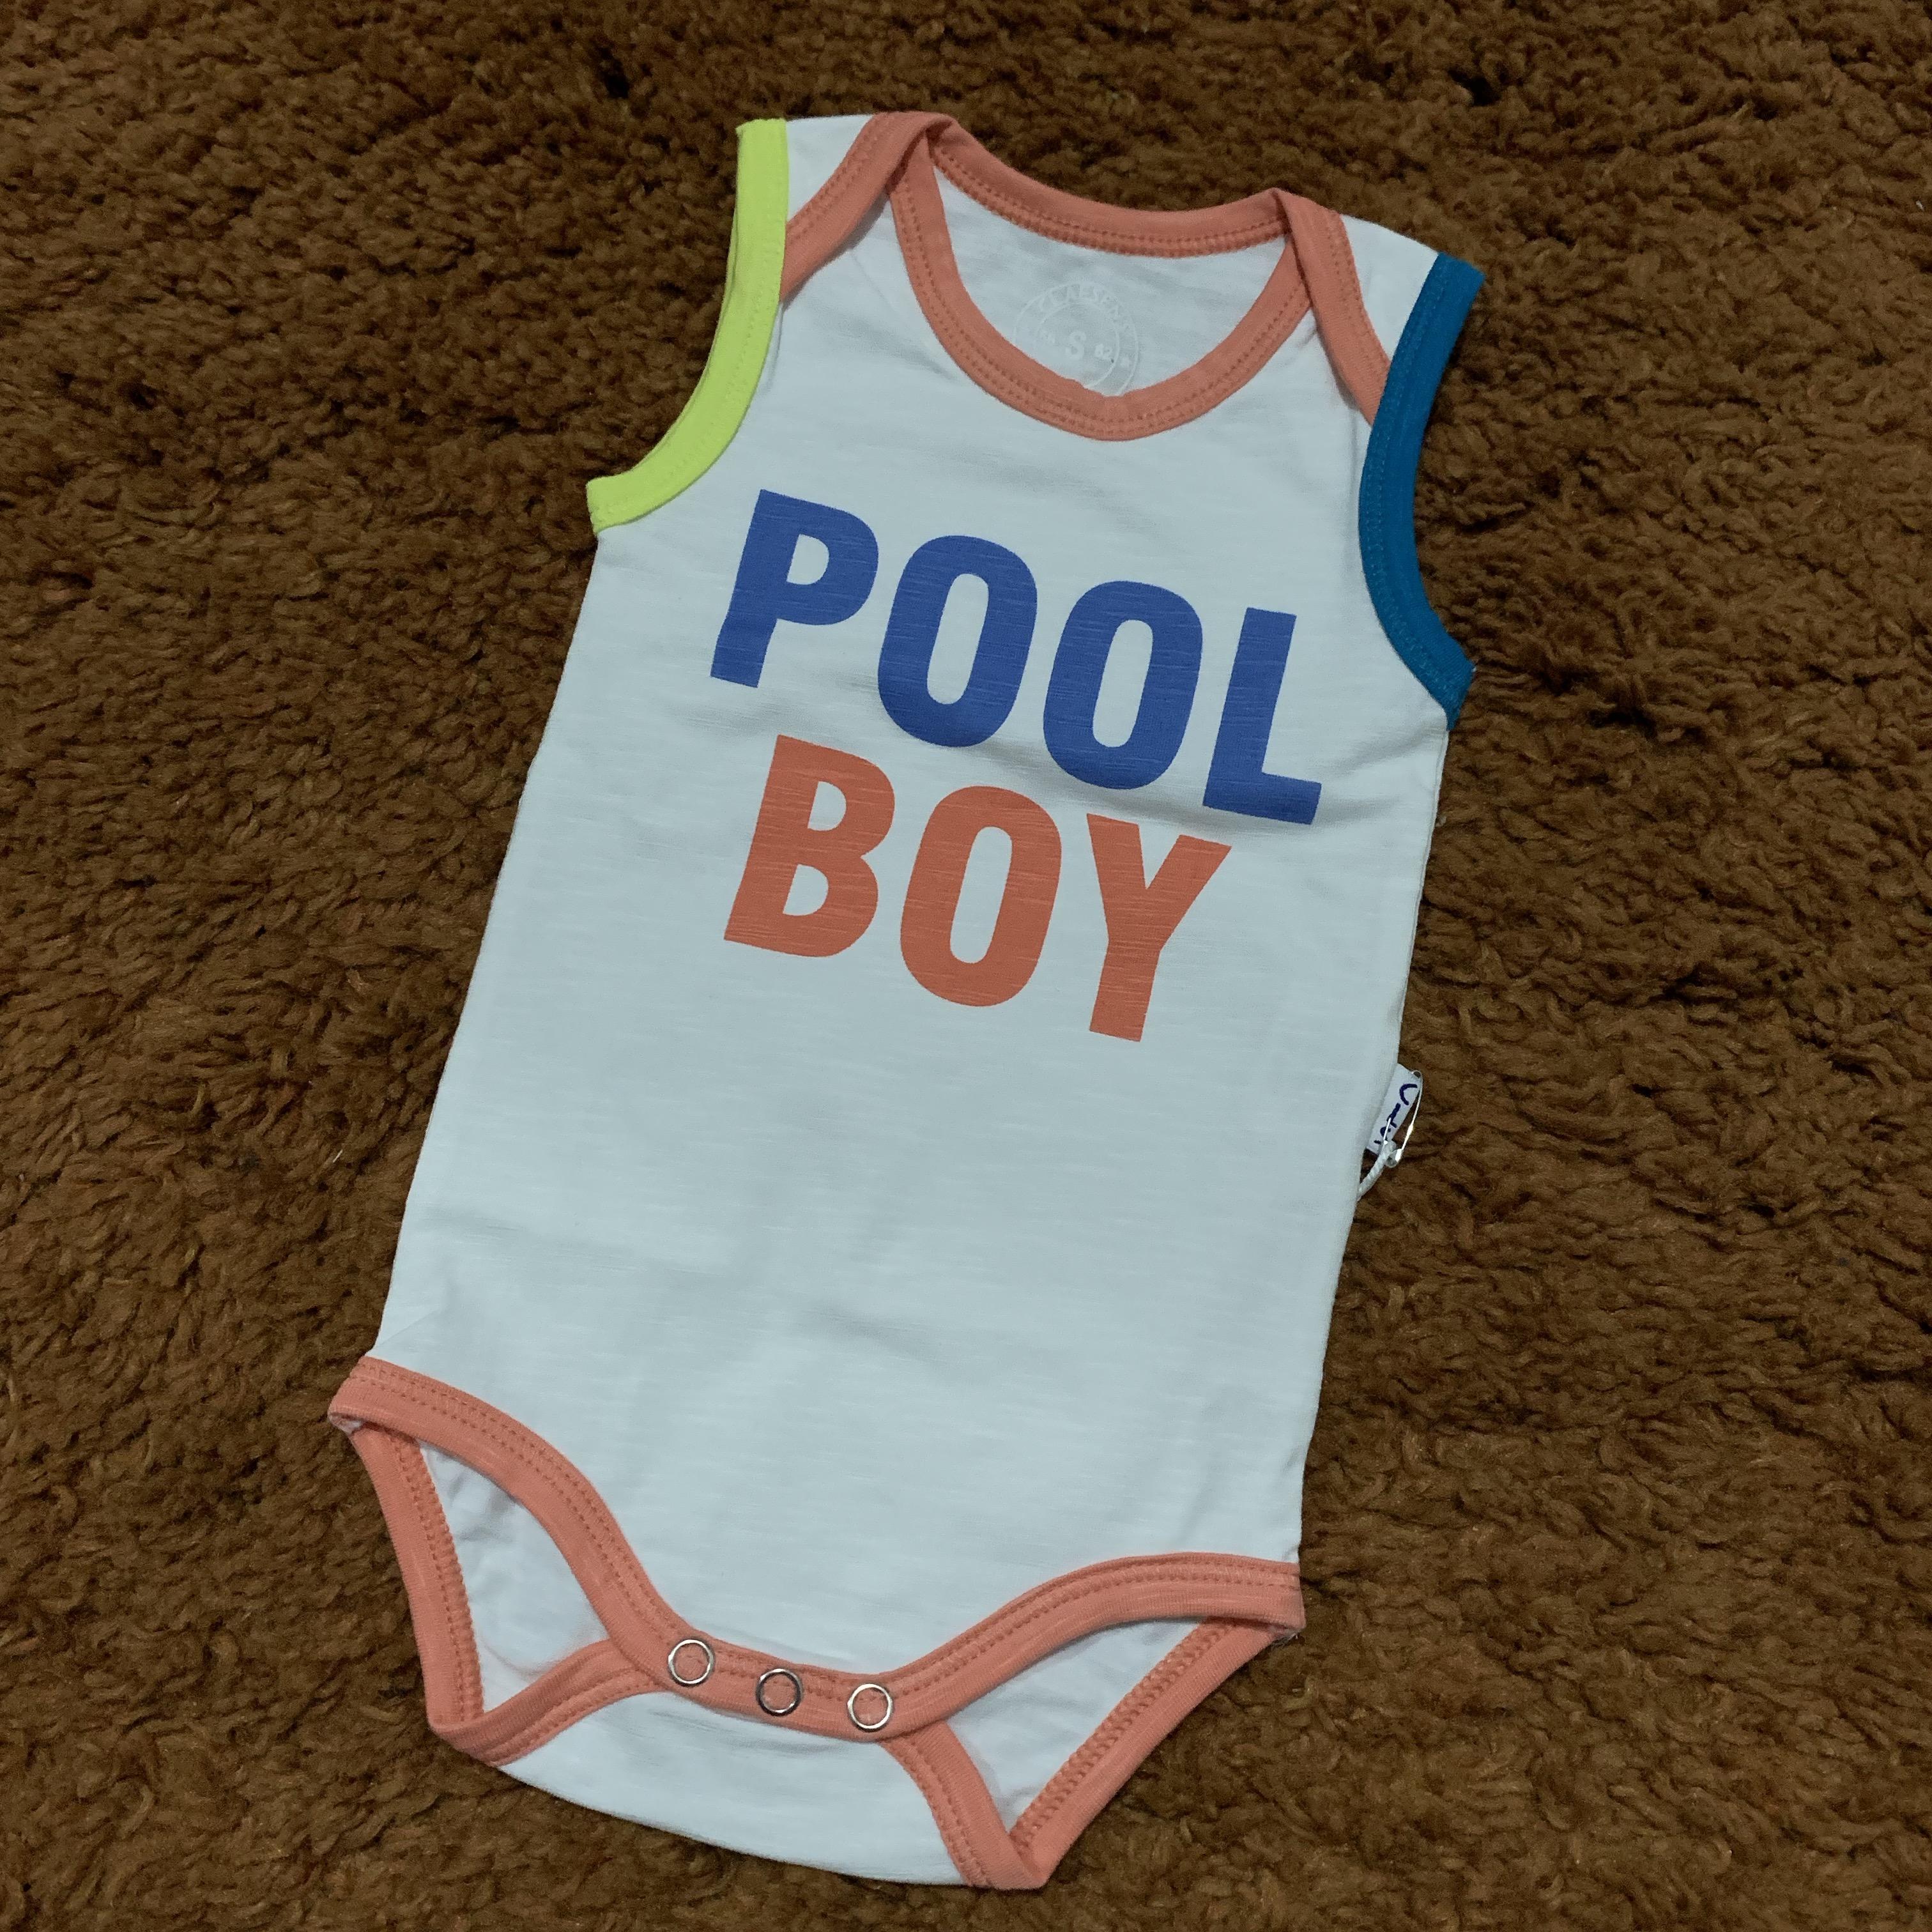 Poolboy, babyboy, hempie, romper